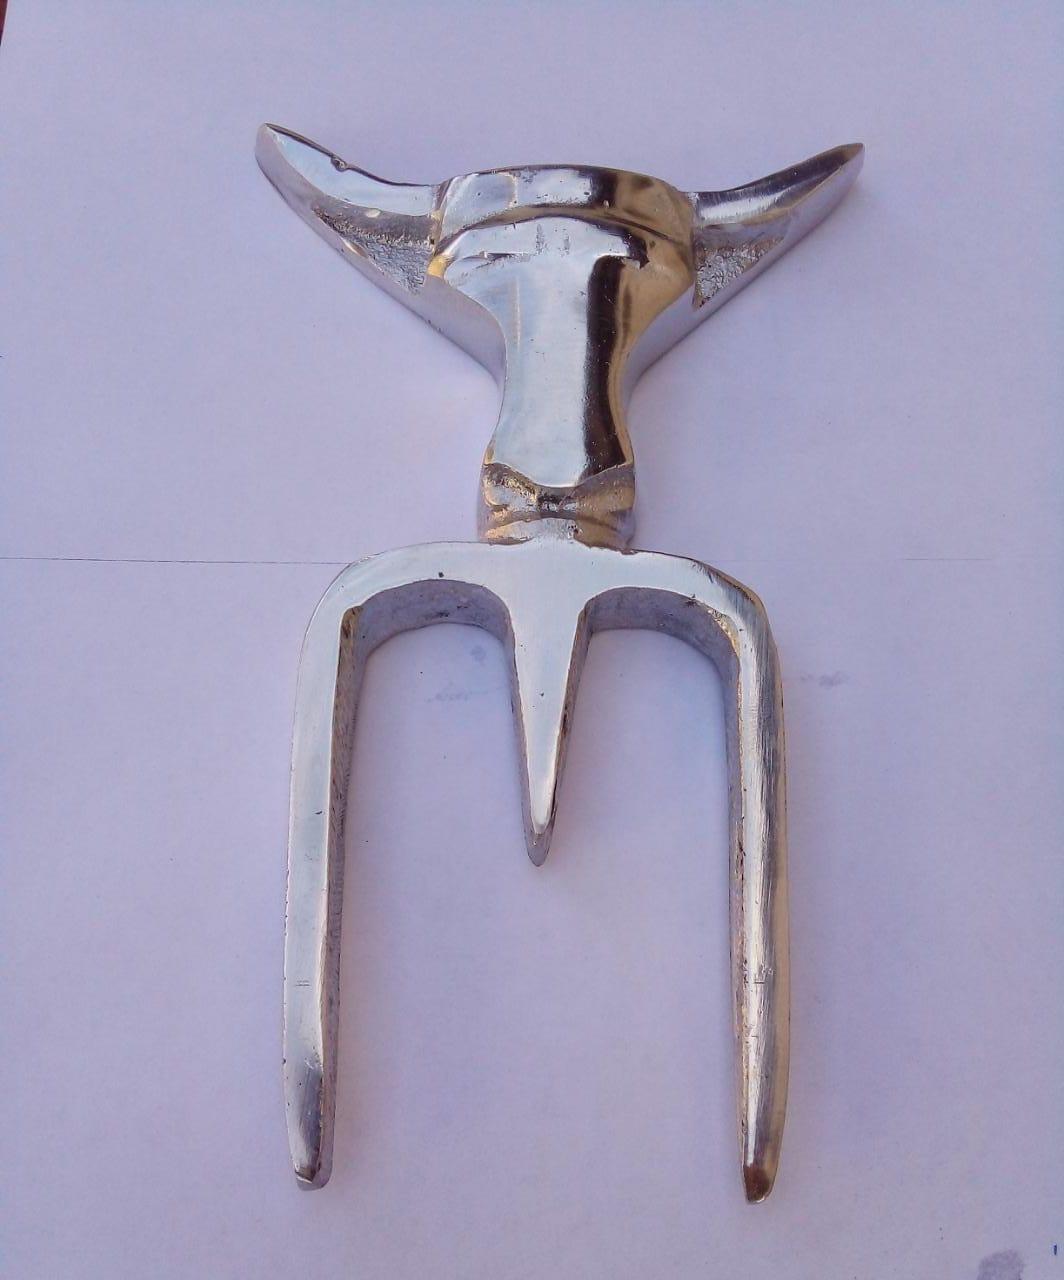 Garfo Tridente em Alumínio Fundido para Churrasco 16 cm